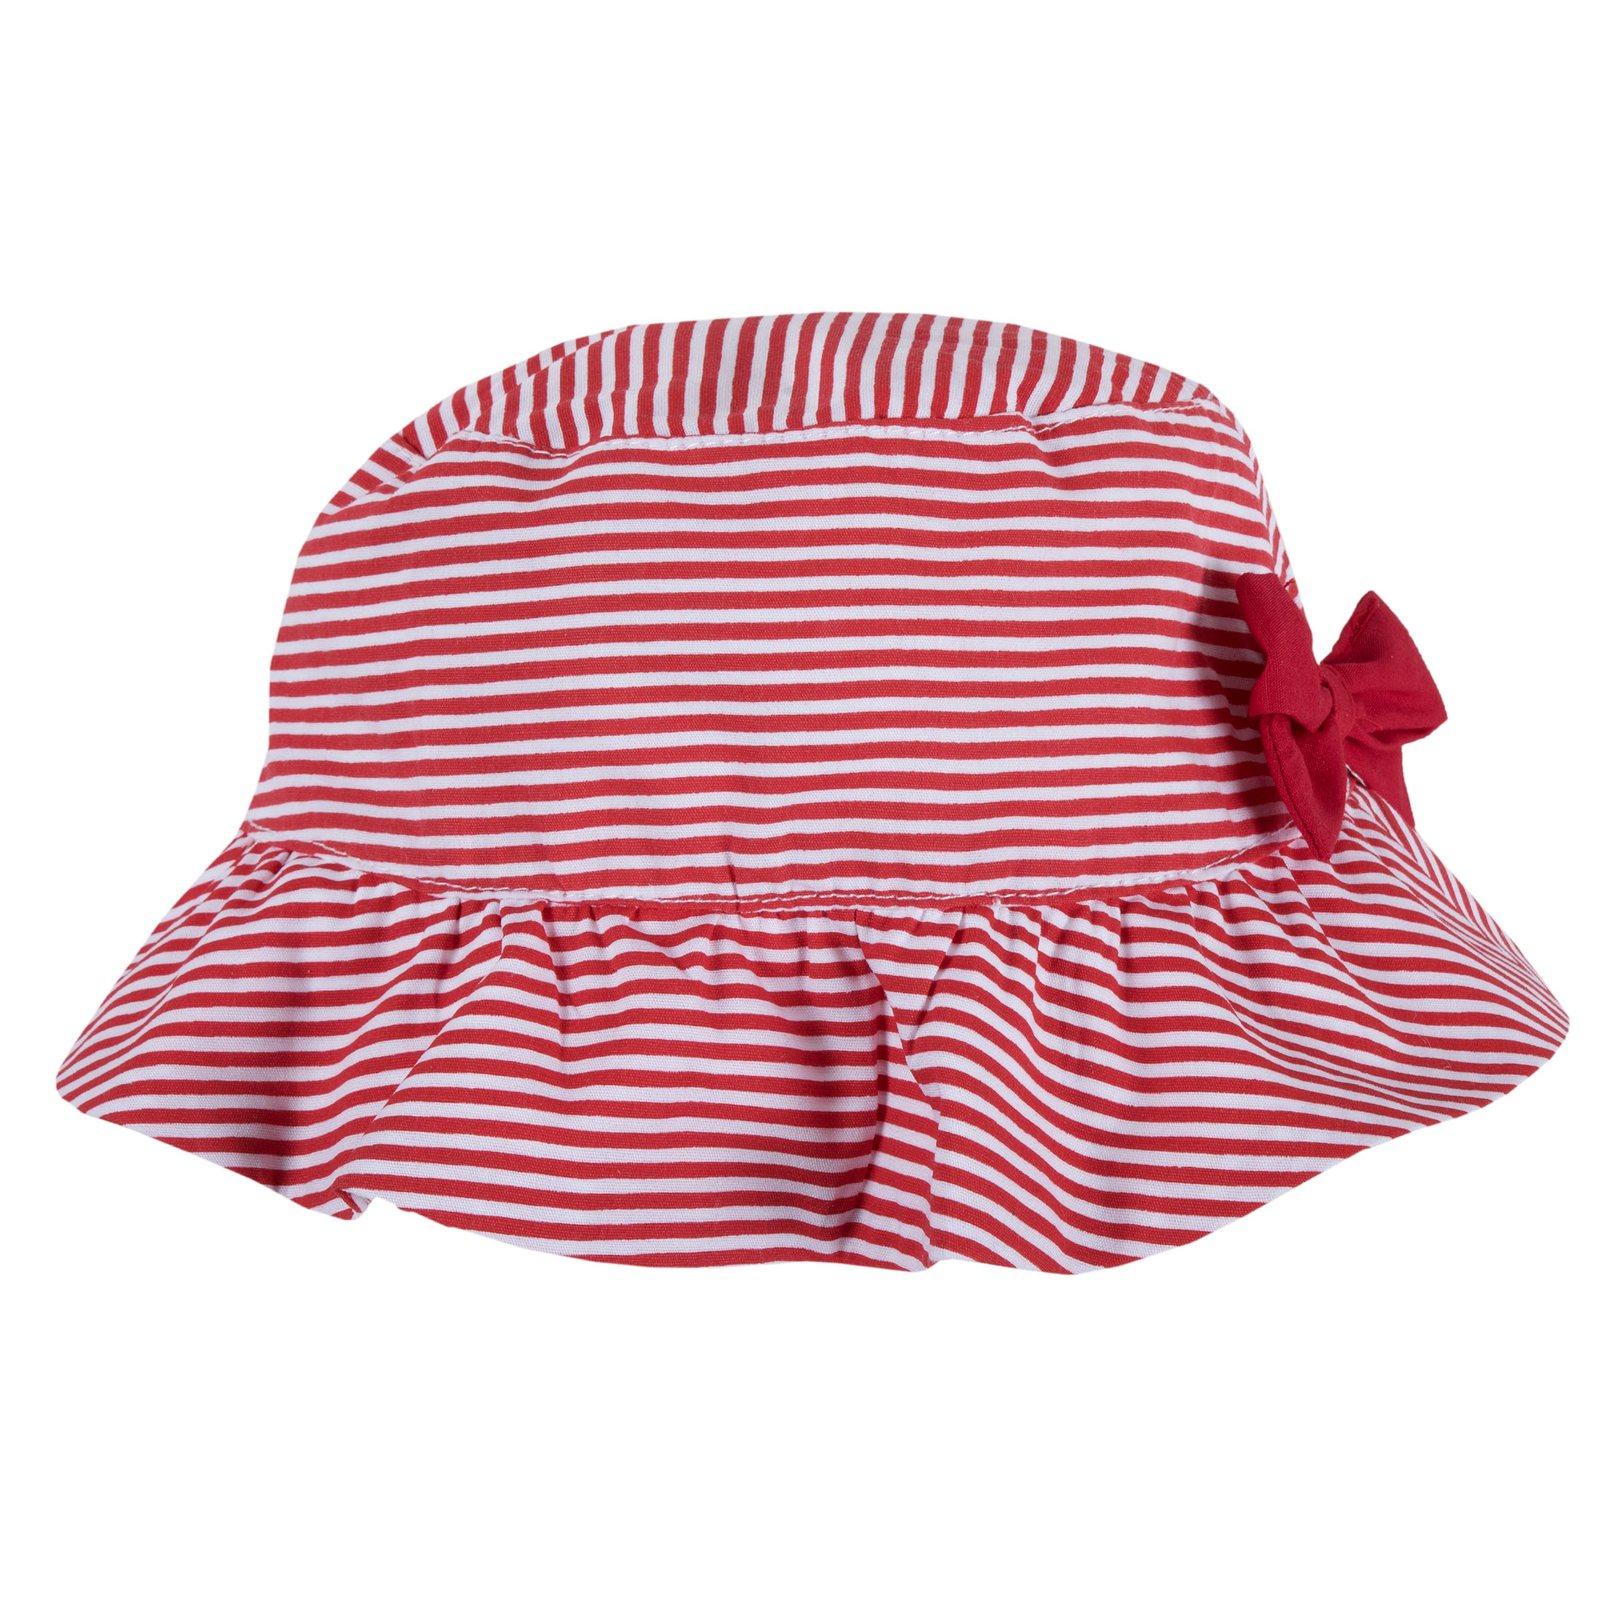 Accessori bambina cappello con fiocco bianco e rosso  565d5a89baa6